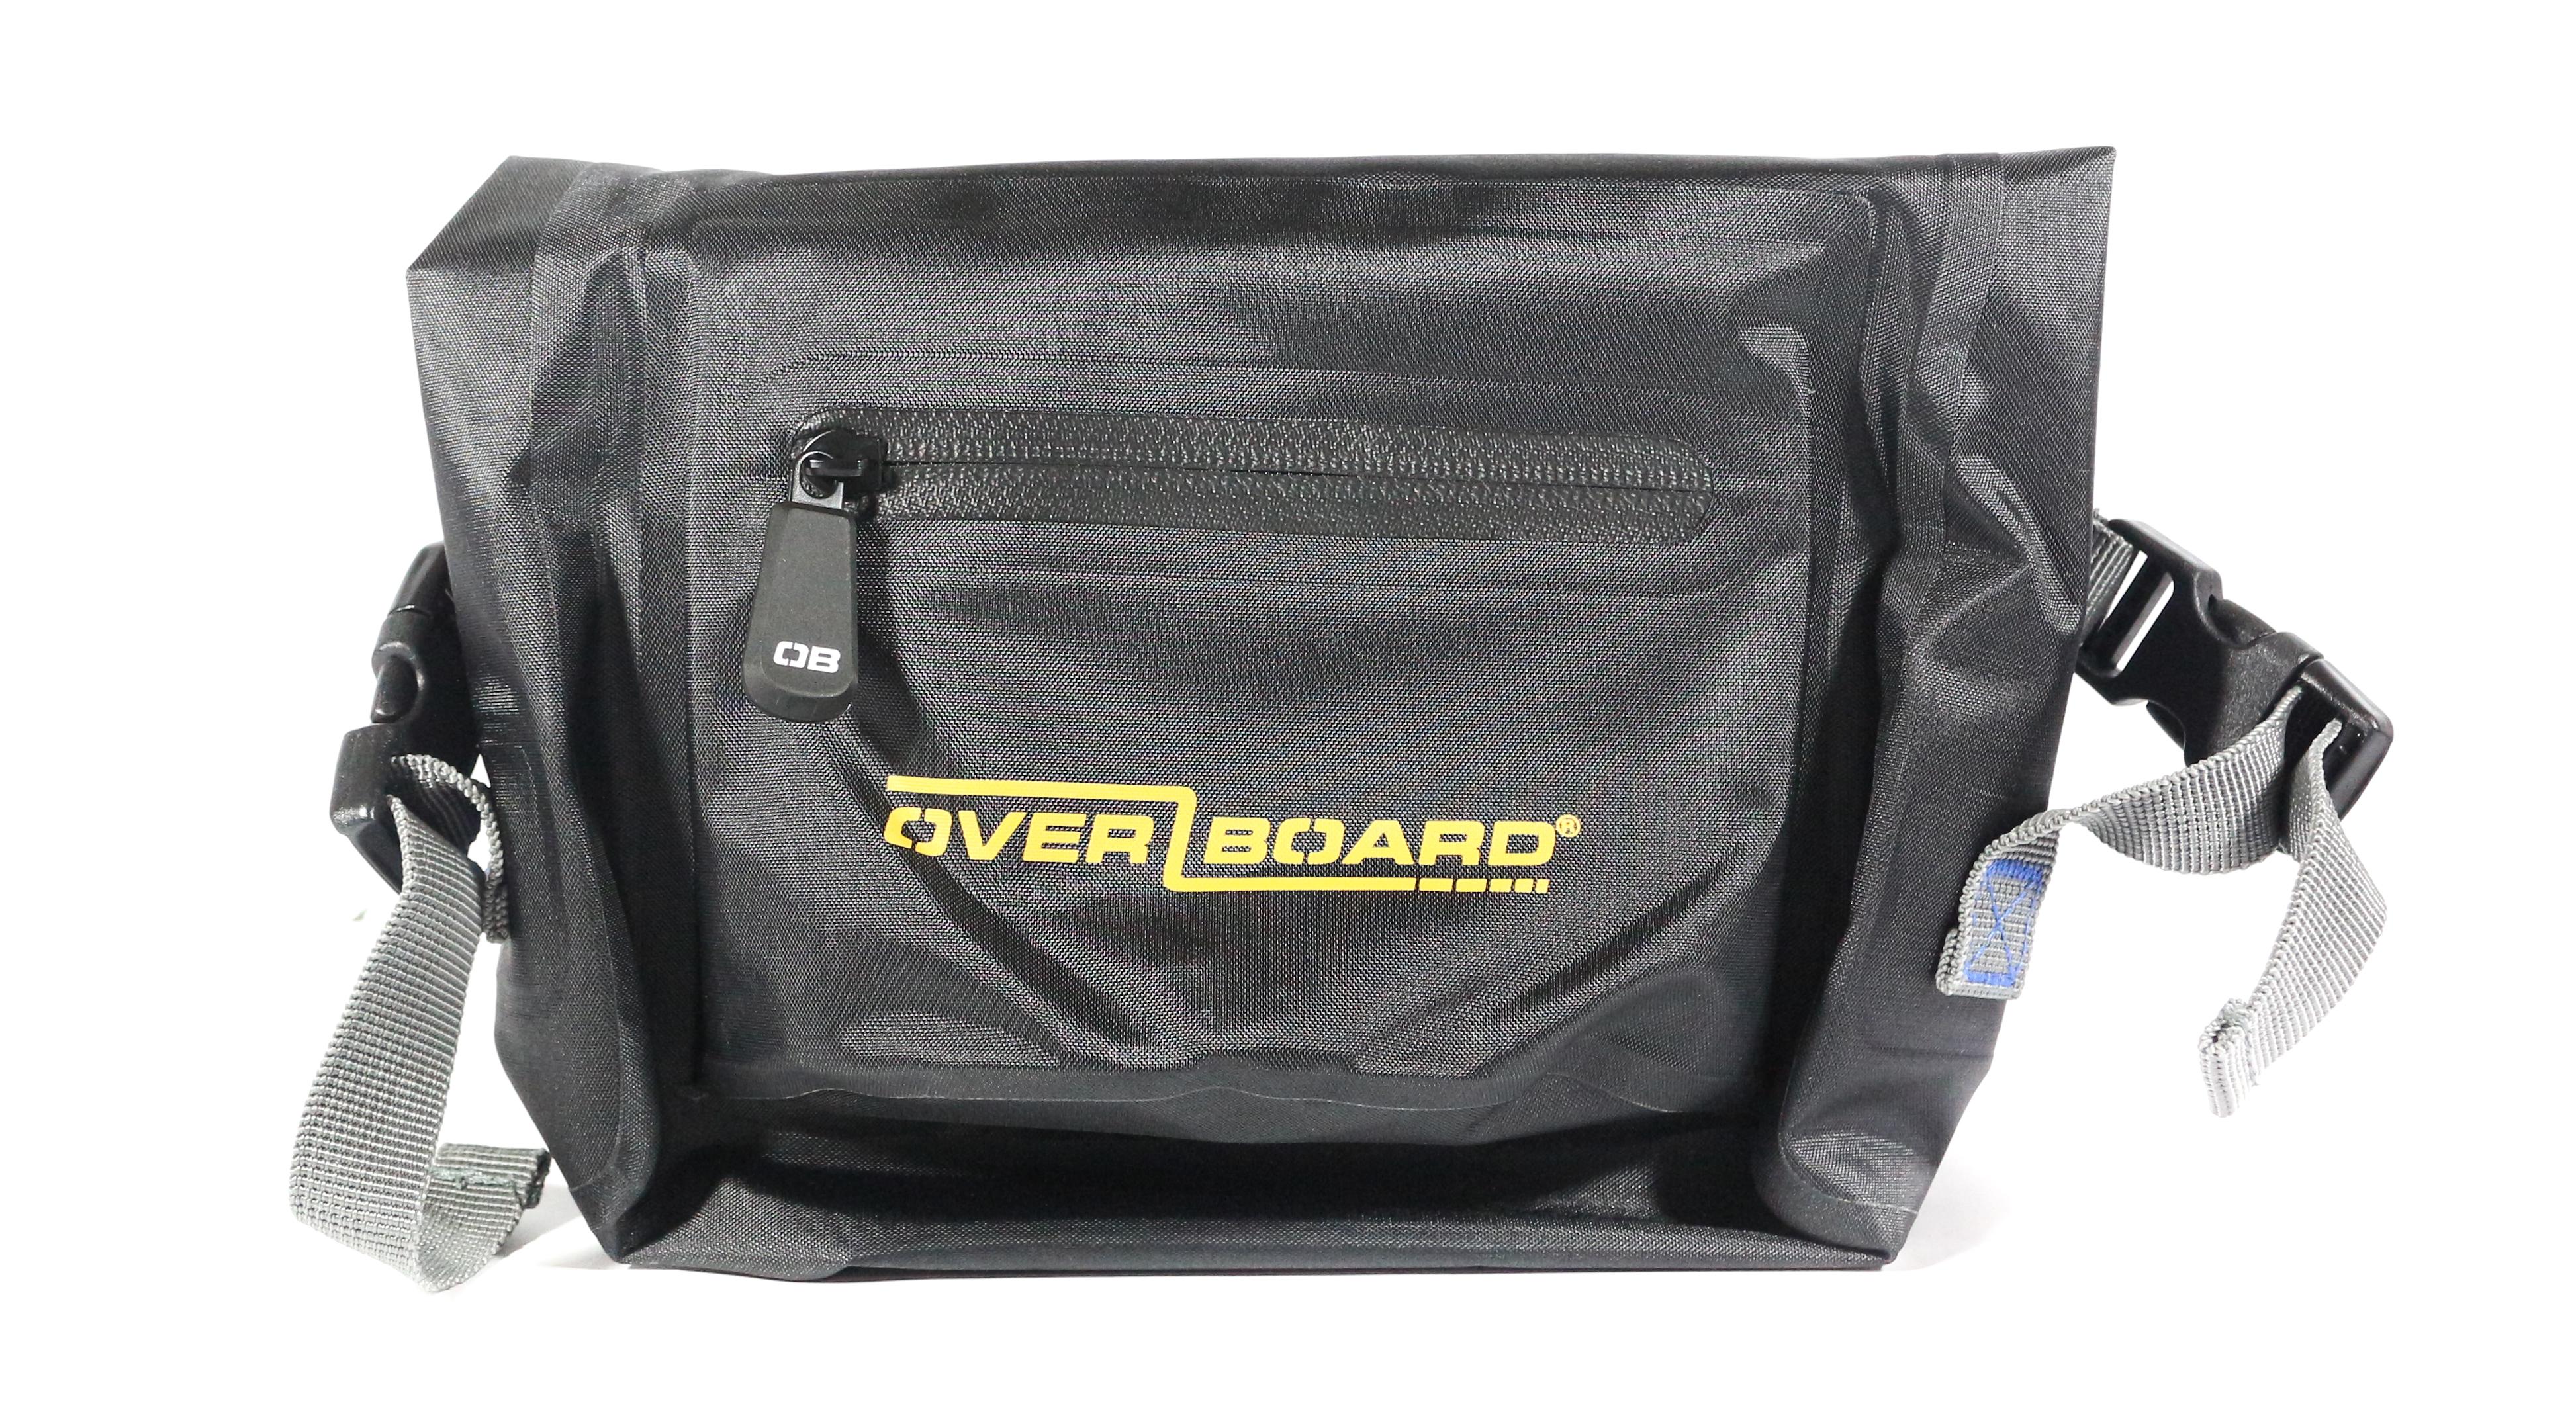 Overboard 3L Waist Pack Bag 13 x 19 x 7.5 cm , 0.32 kg Black (1742)